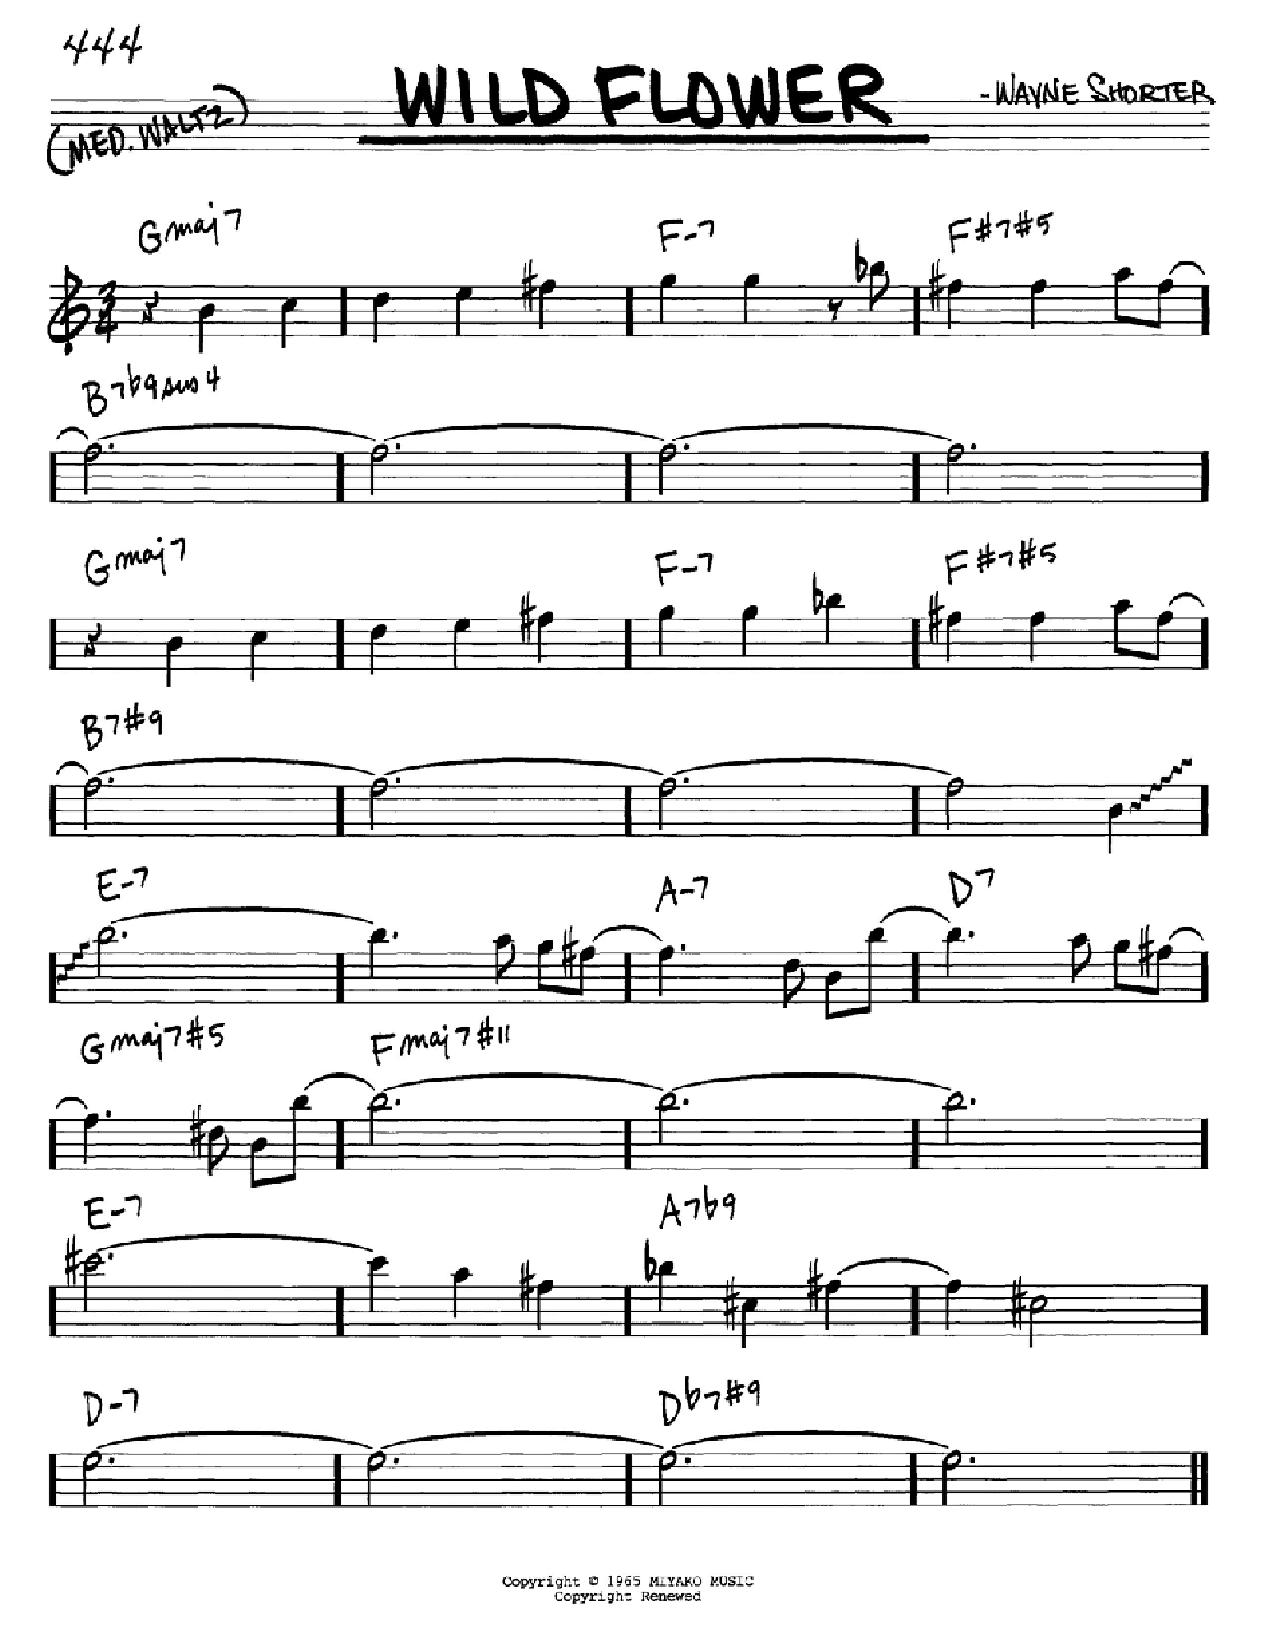 Partition autre Wild Flower de Wayne Shorter - Real Book, Melodie et Accords, Inst. En Mib